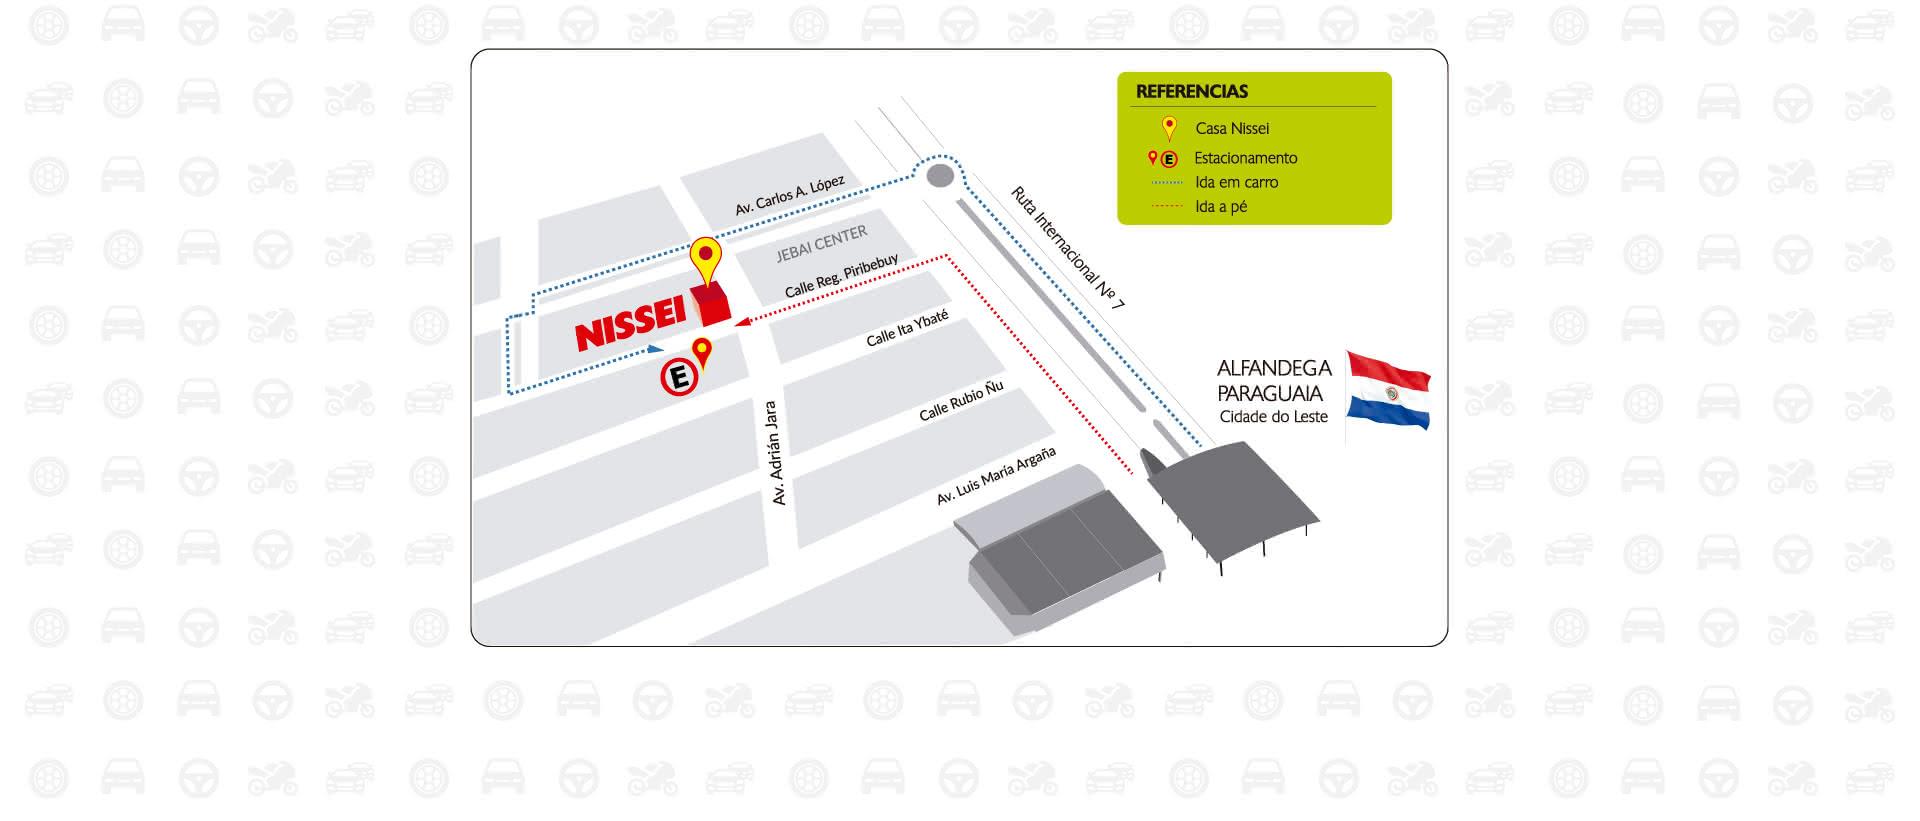 Estacionamento gratuito no Paraguai